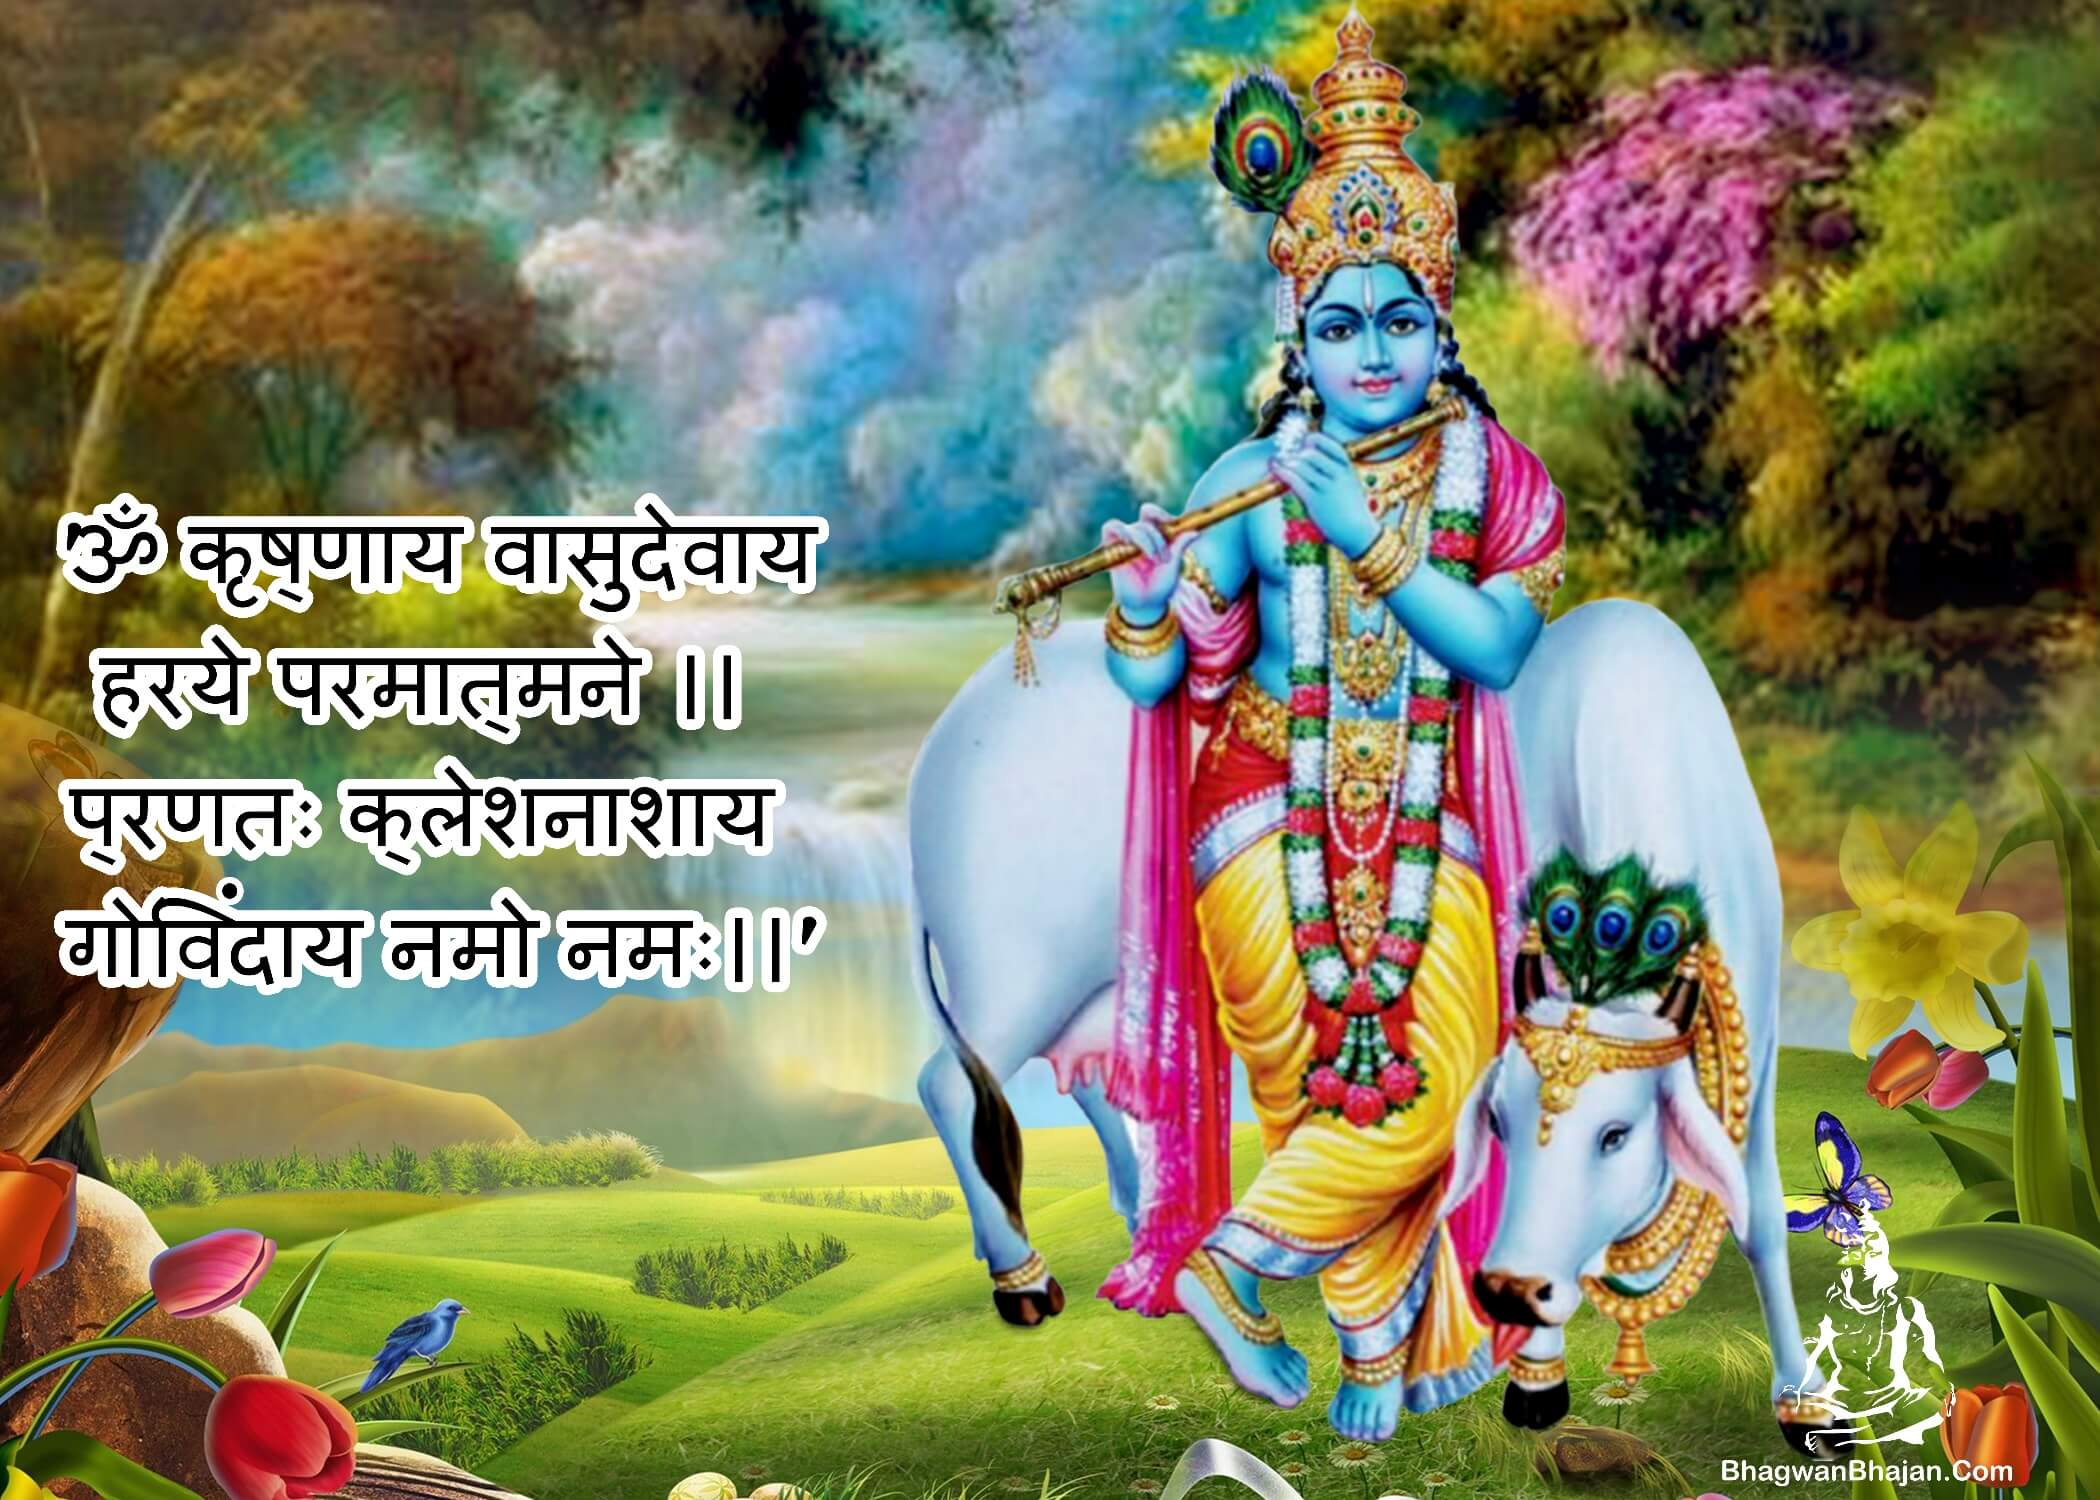 shri krishna vasudevay namah hd wallpaper